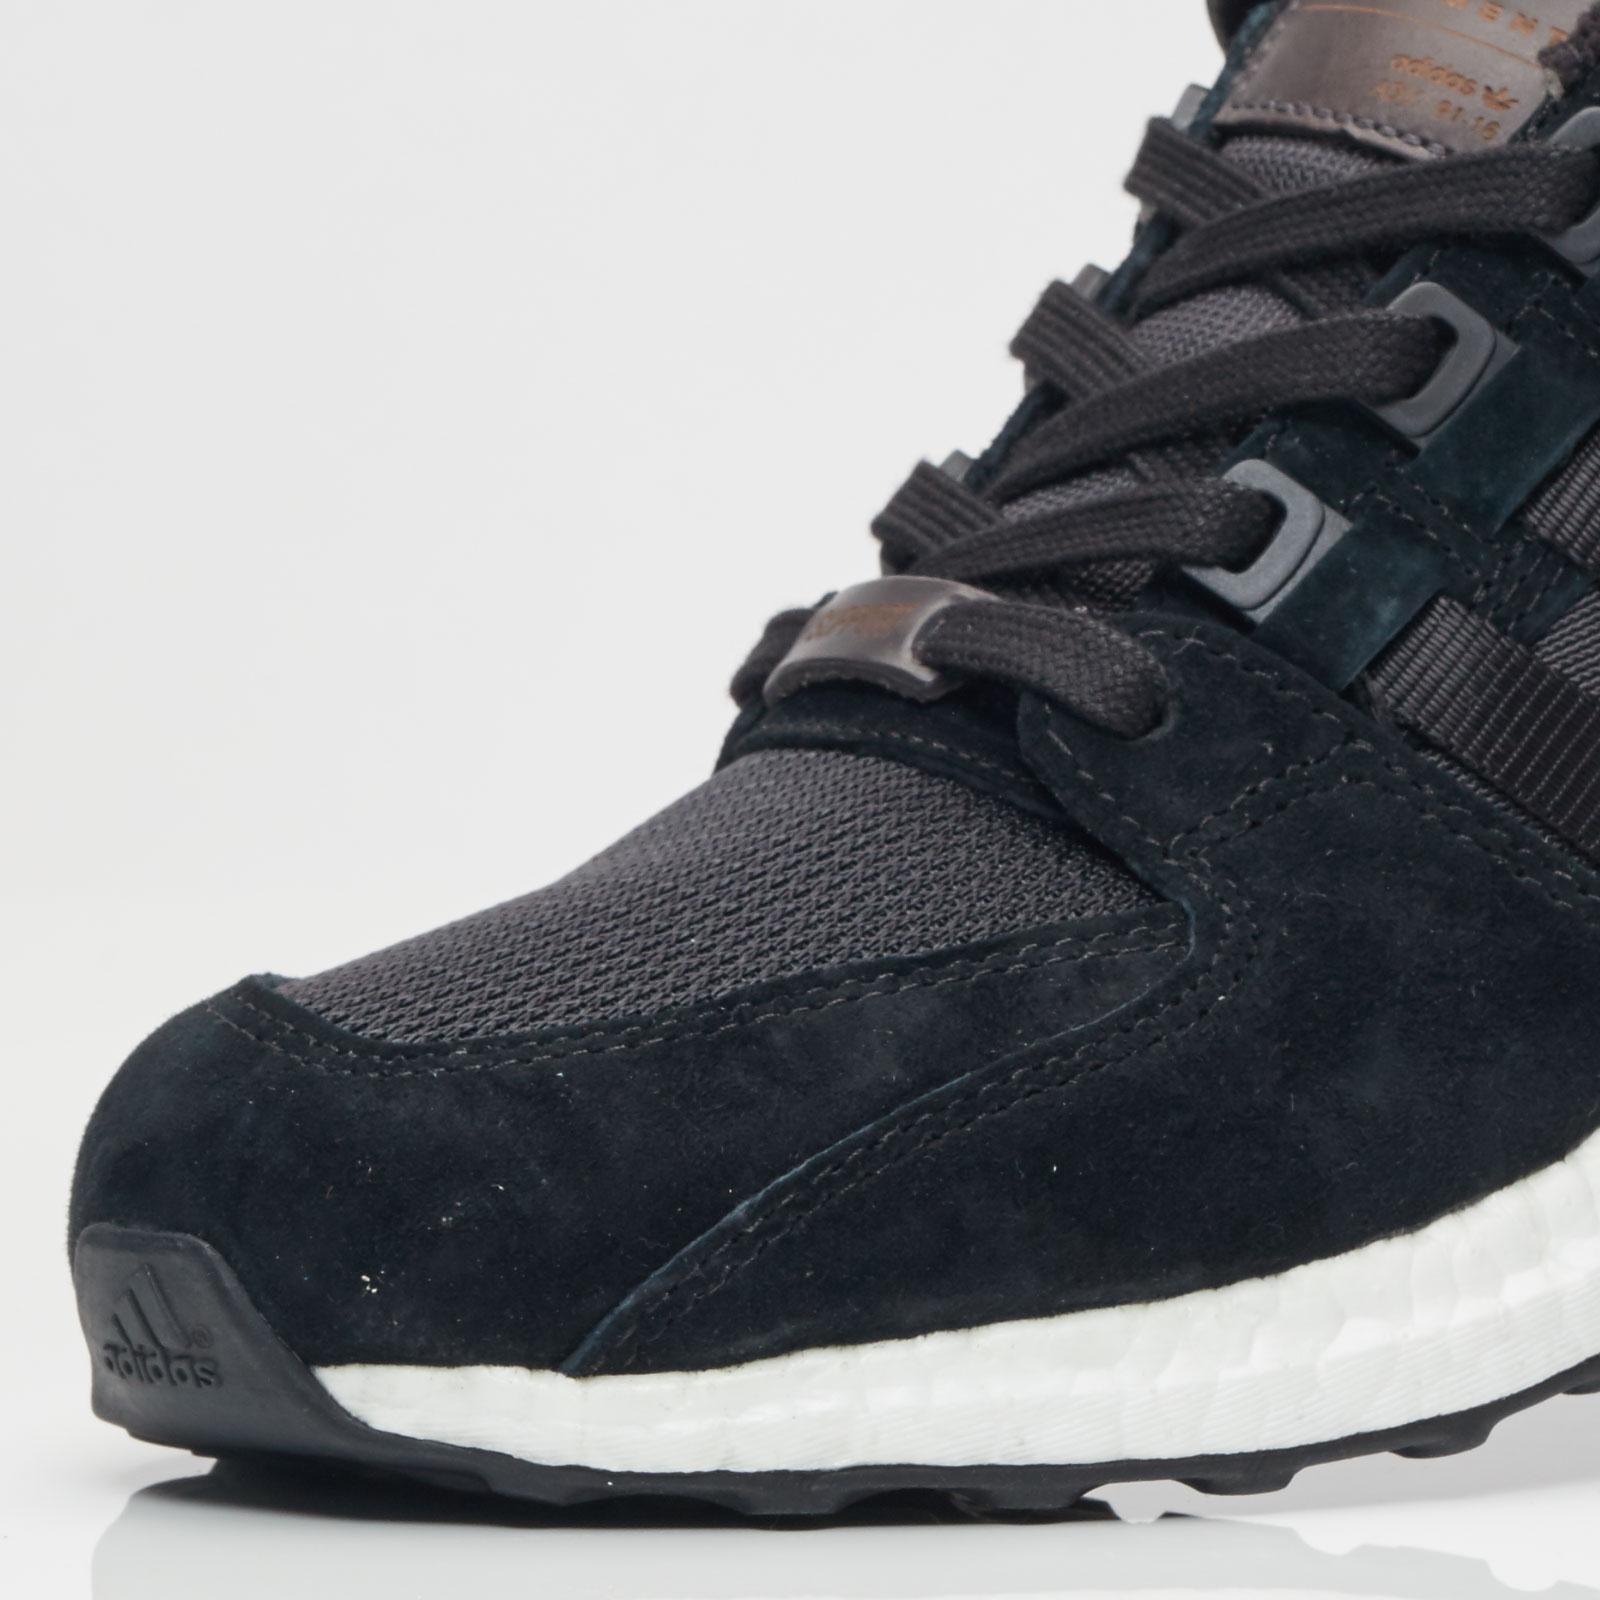 super popular c4d63 034a0 ... adidas Originals Equipment Support Ultra ...